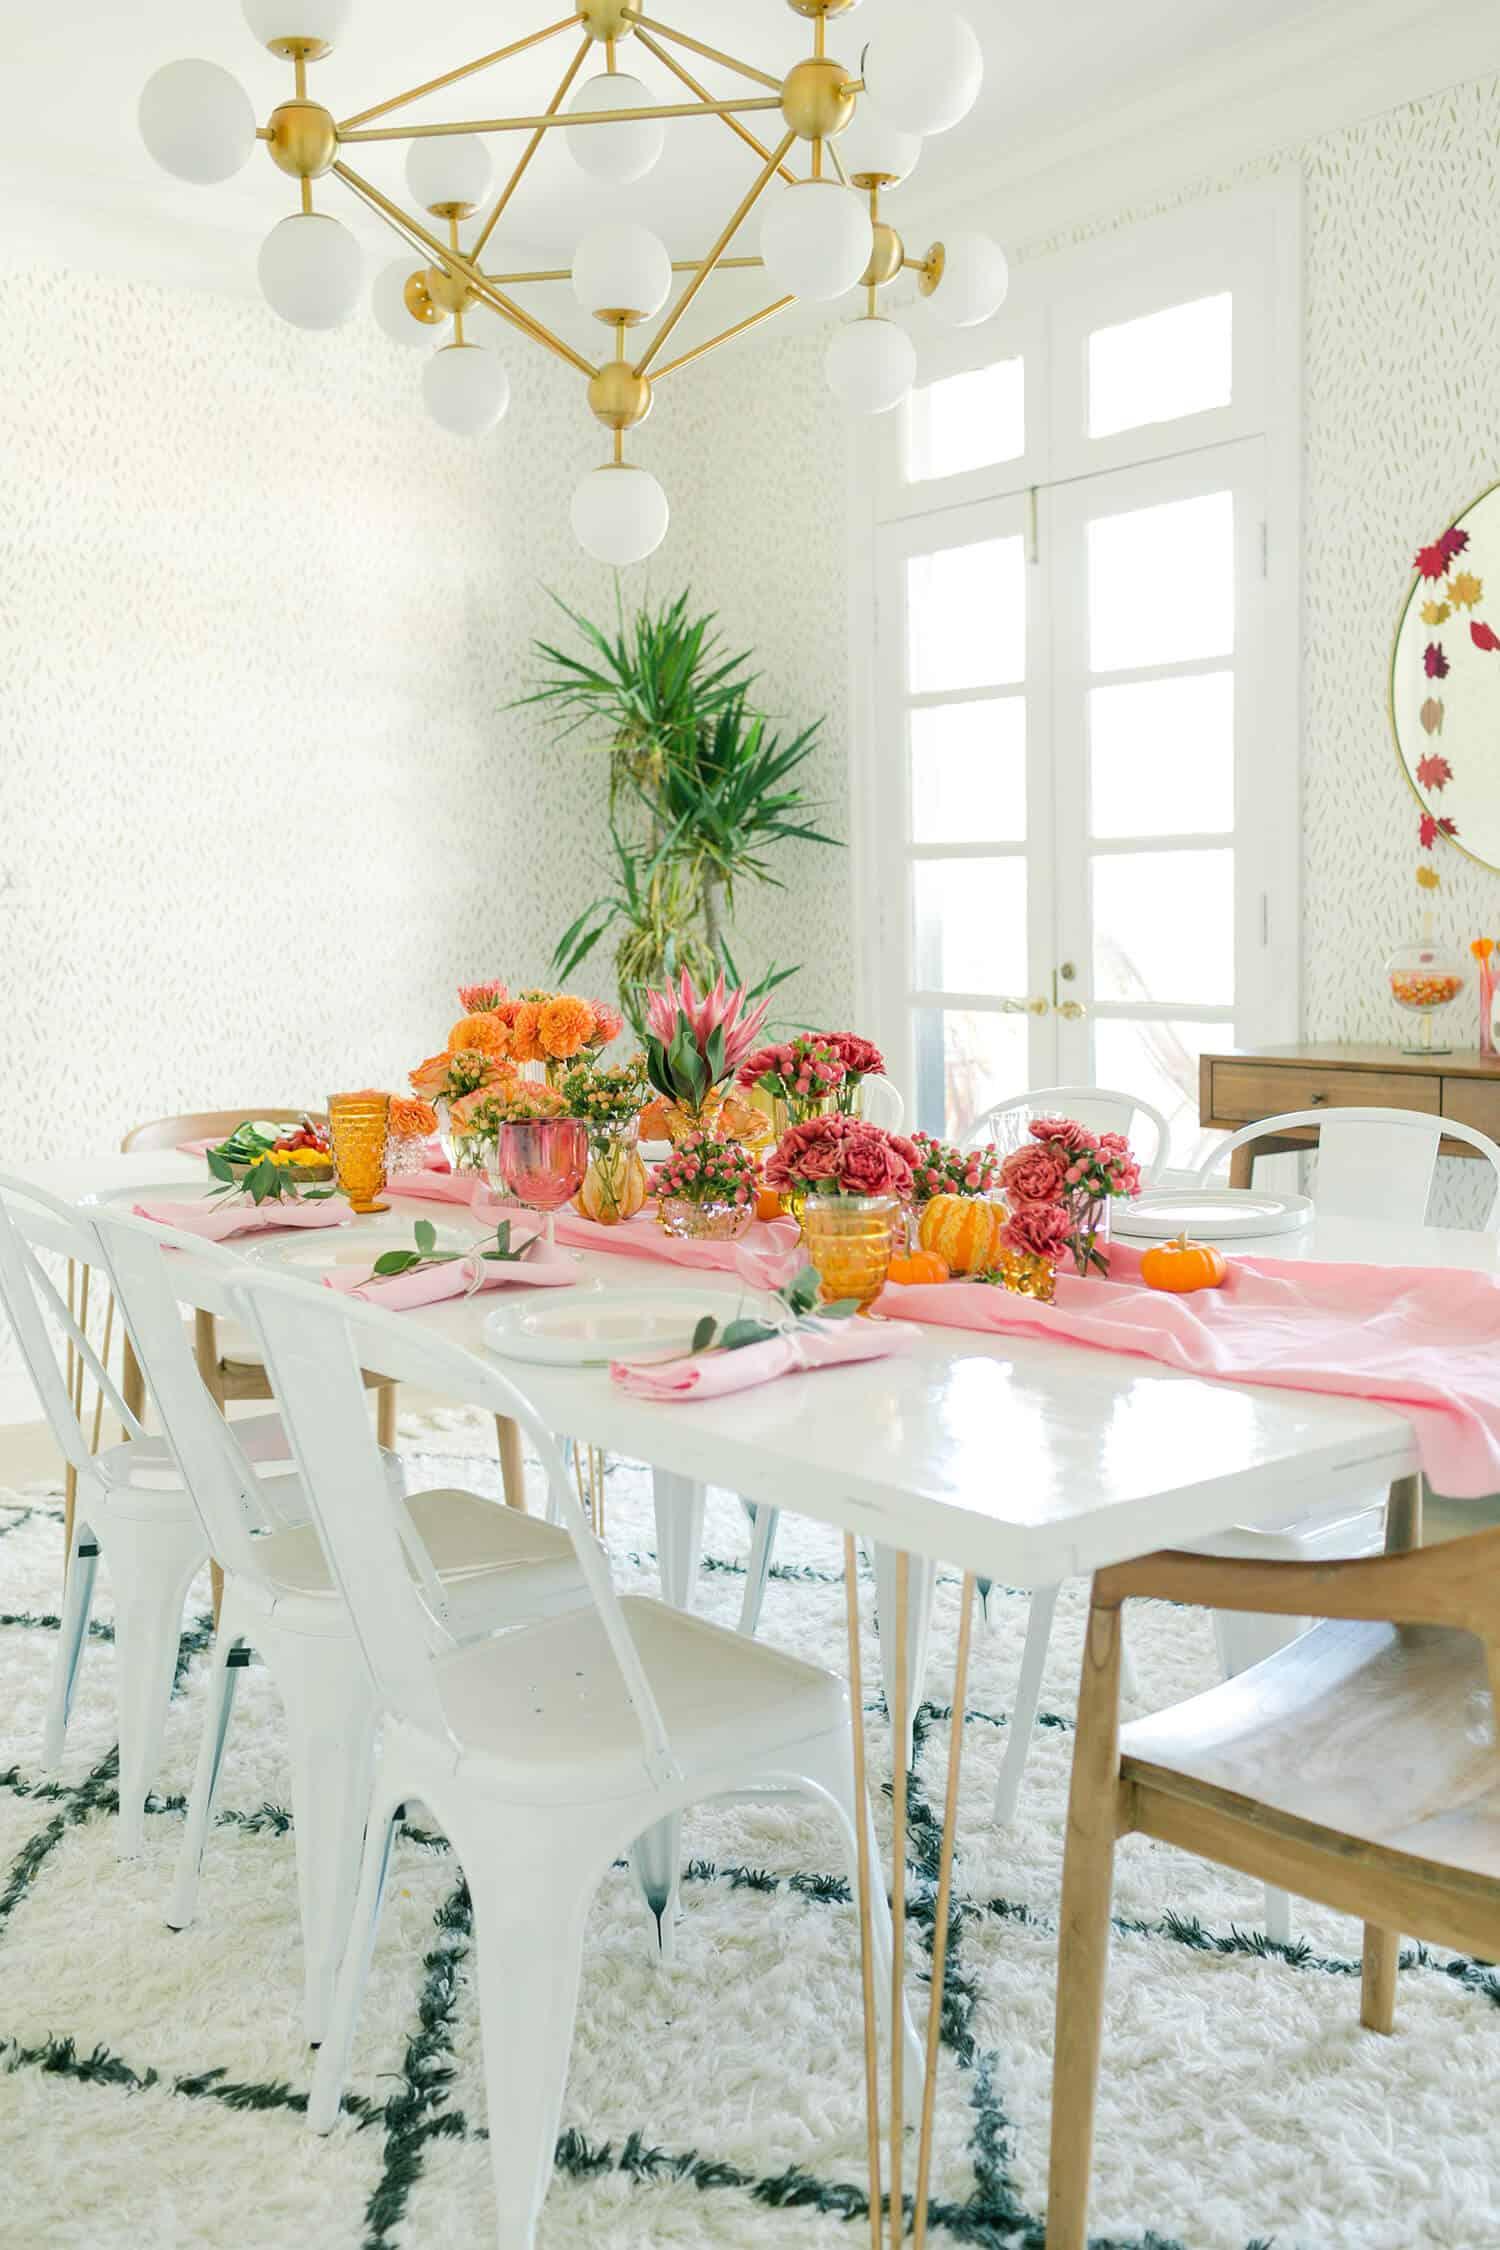 Mesa posta decorada com vasos e flores de cores, formas e tamanhos variados